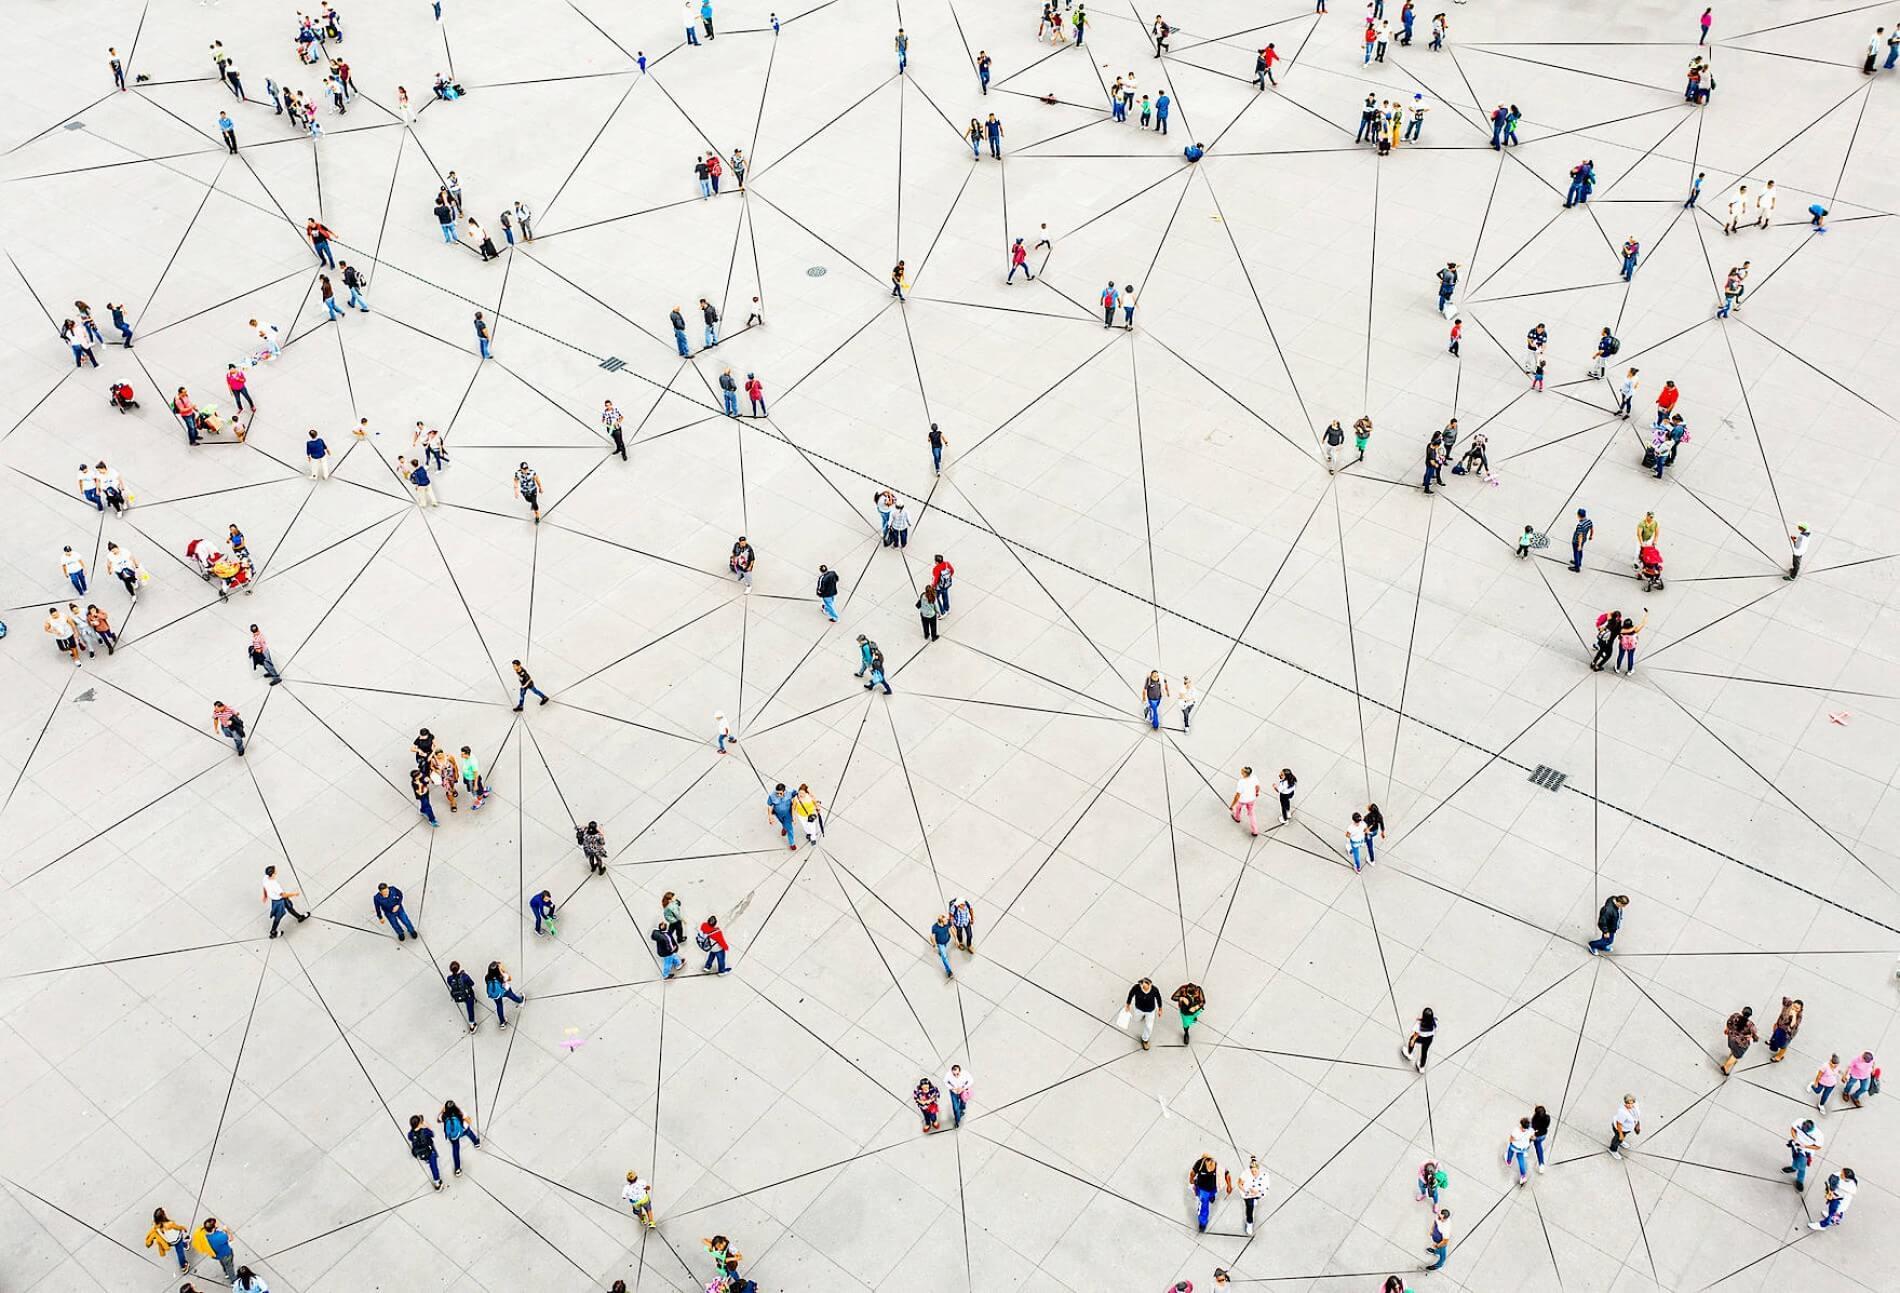 Qué es la interacción social